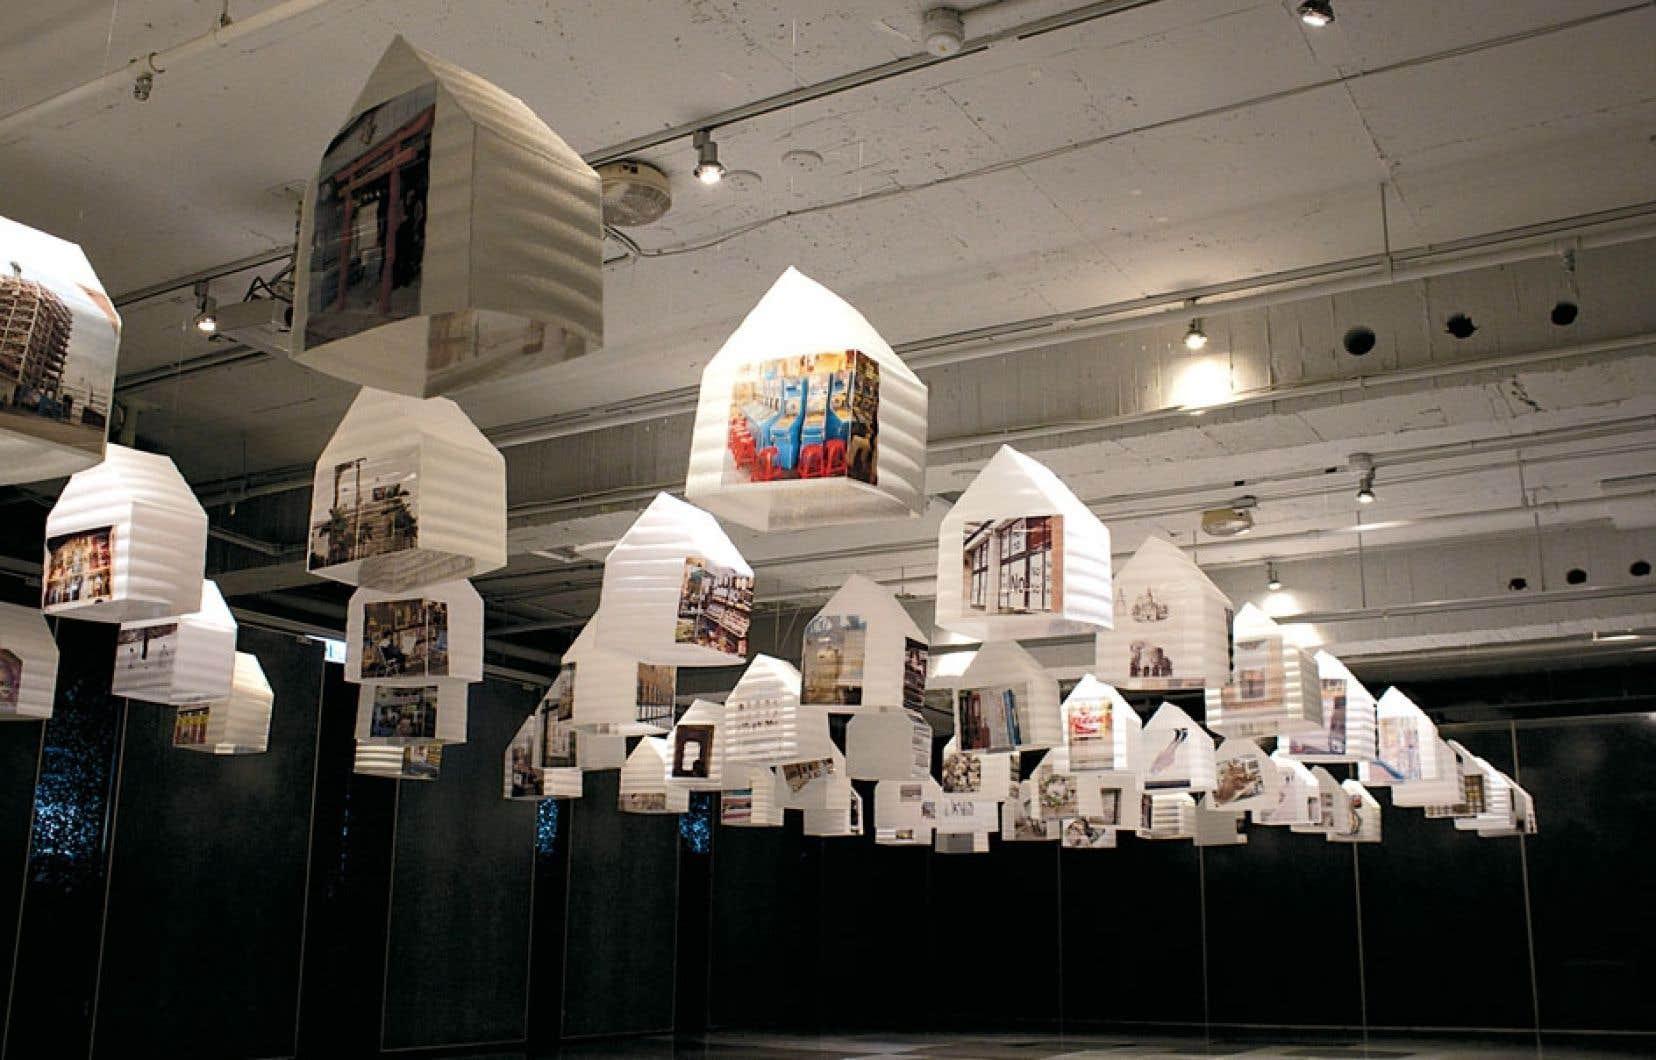 Mémoire en cours, une installation de l'artiste Yu-Hang Huang